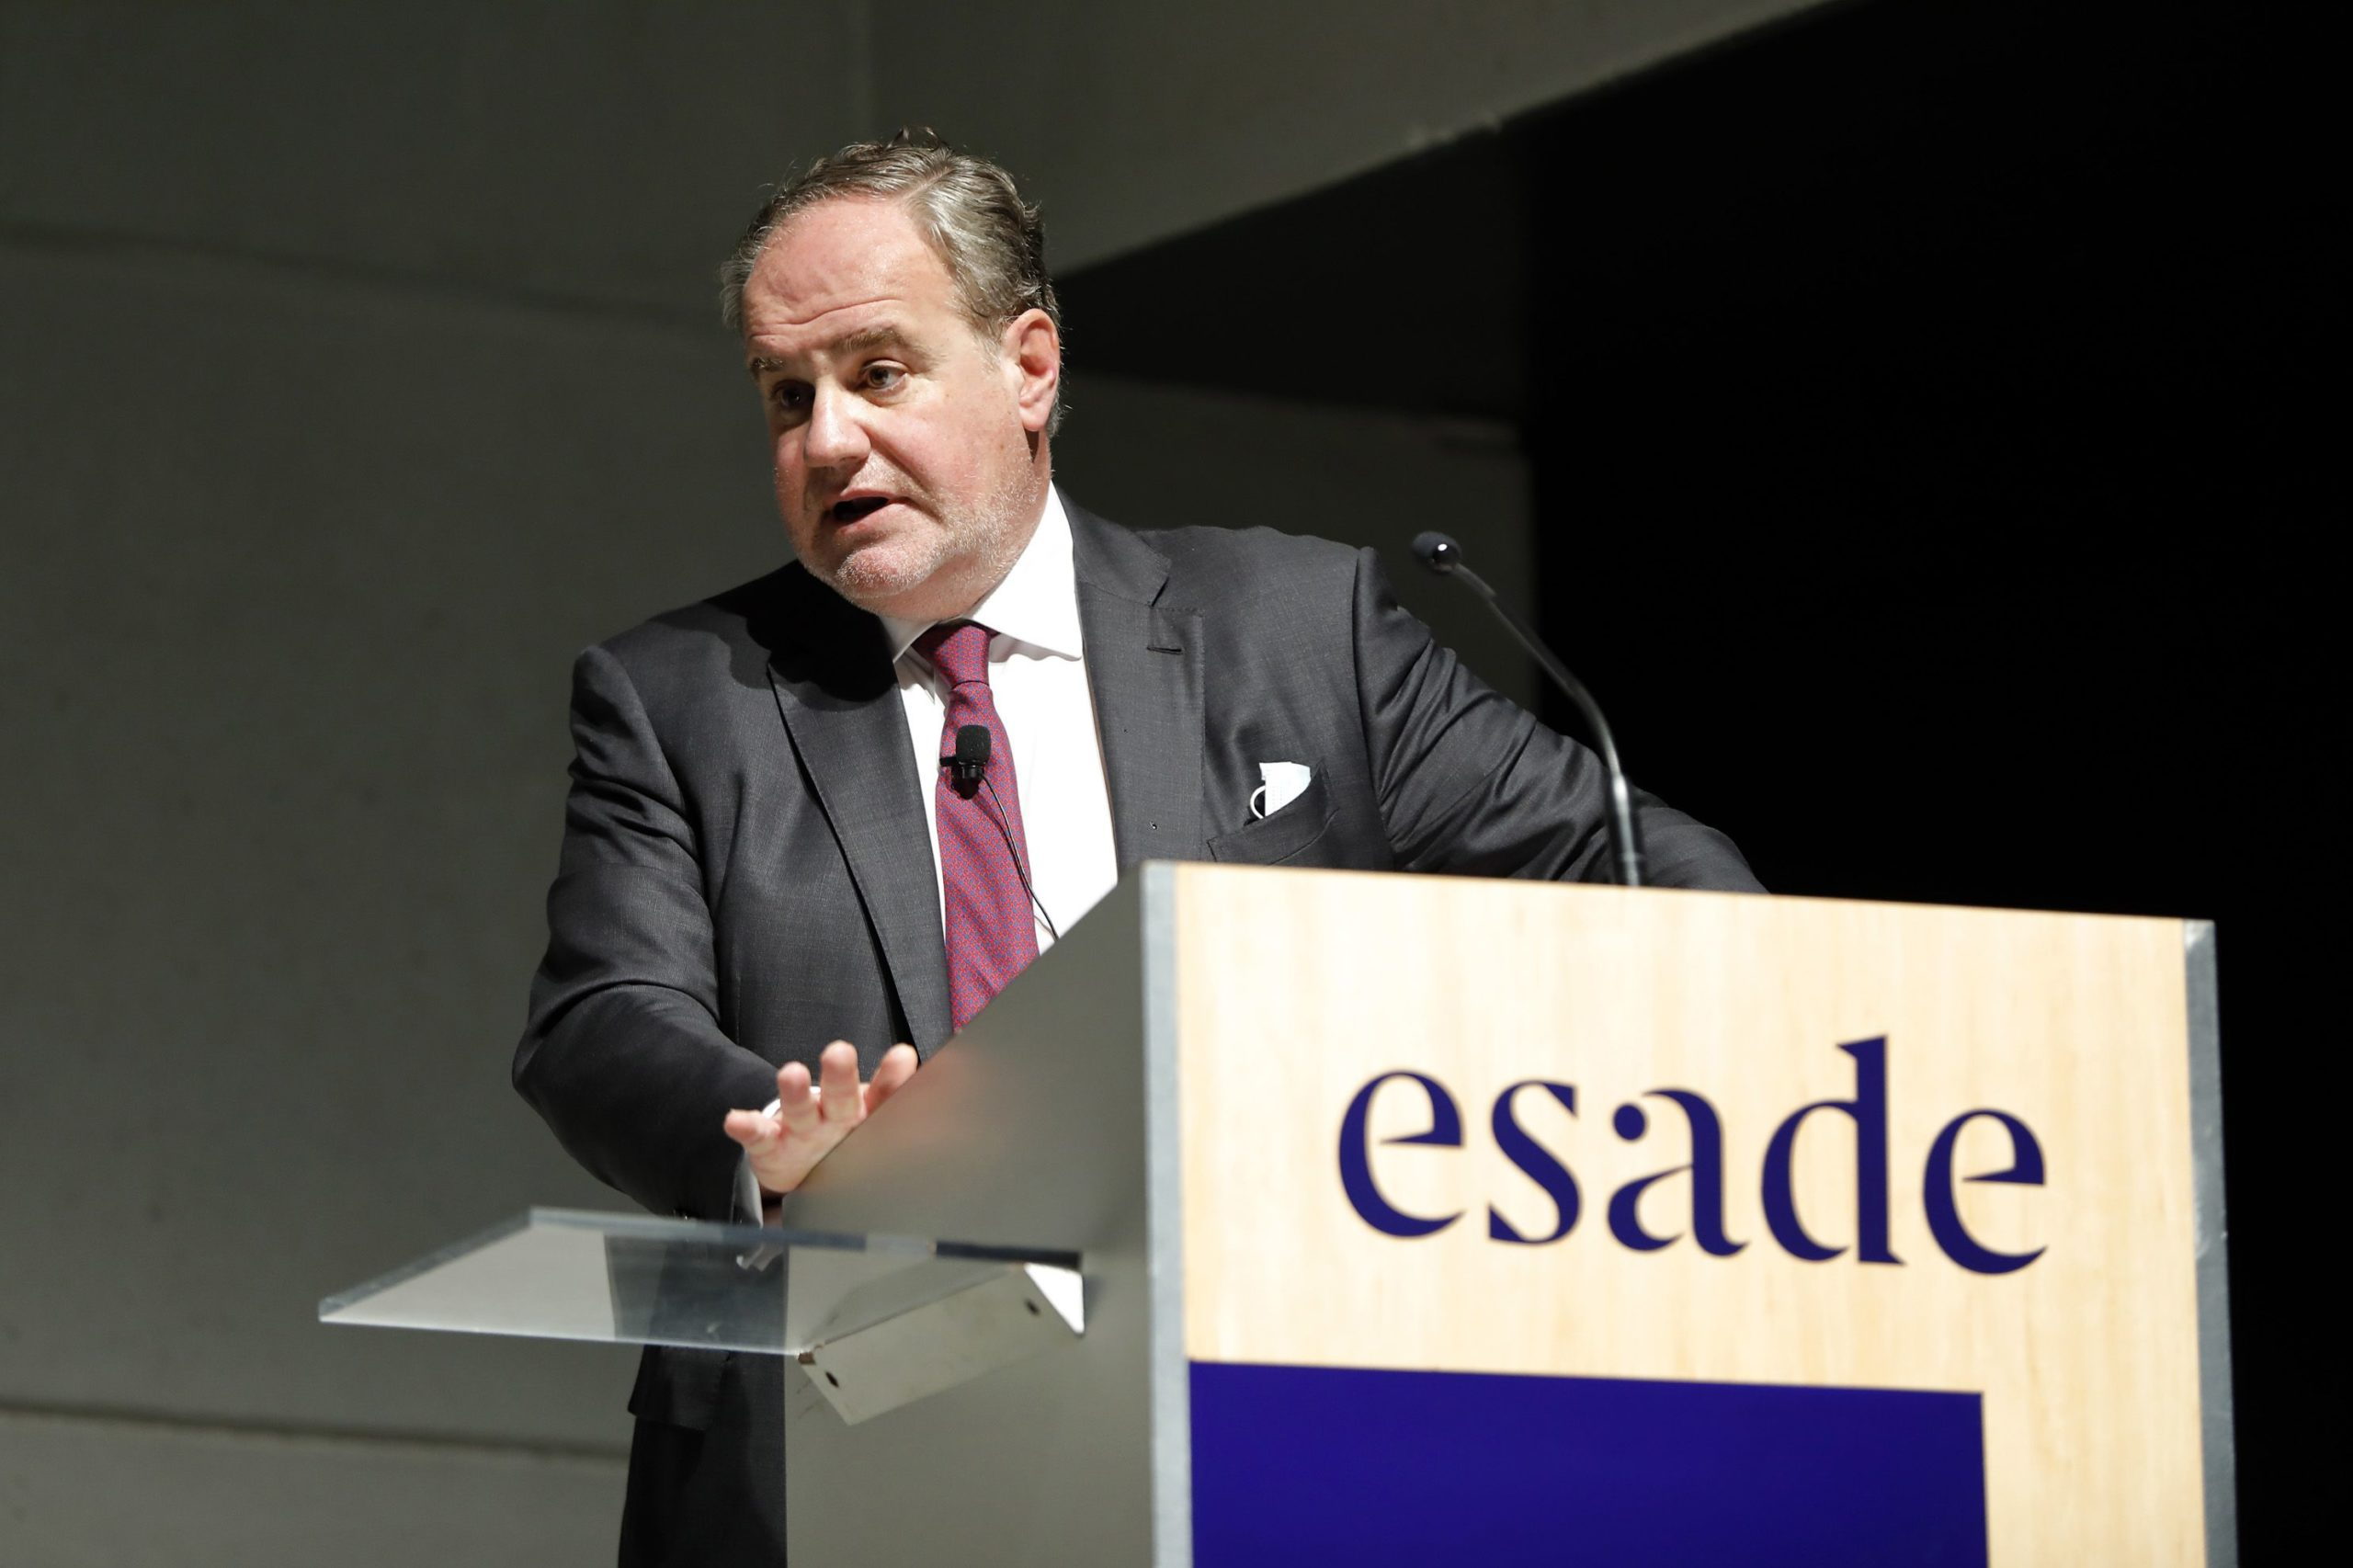 """Demetrio Carceller Arce: """"La sostenibilidad va a ser un vector fundamental de recuperación y crecimiento"""""""